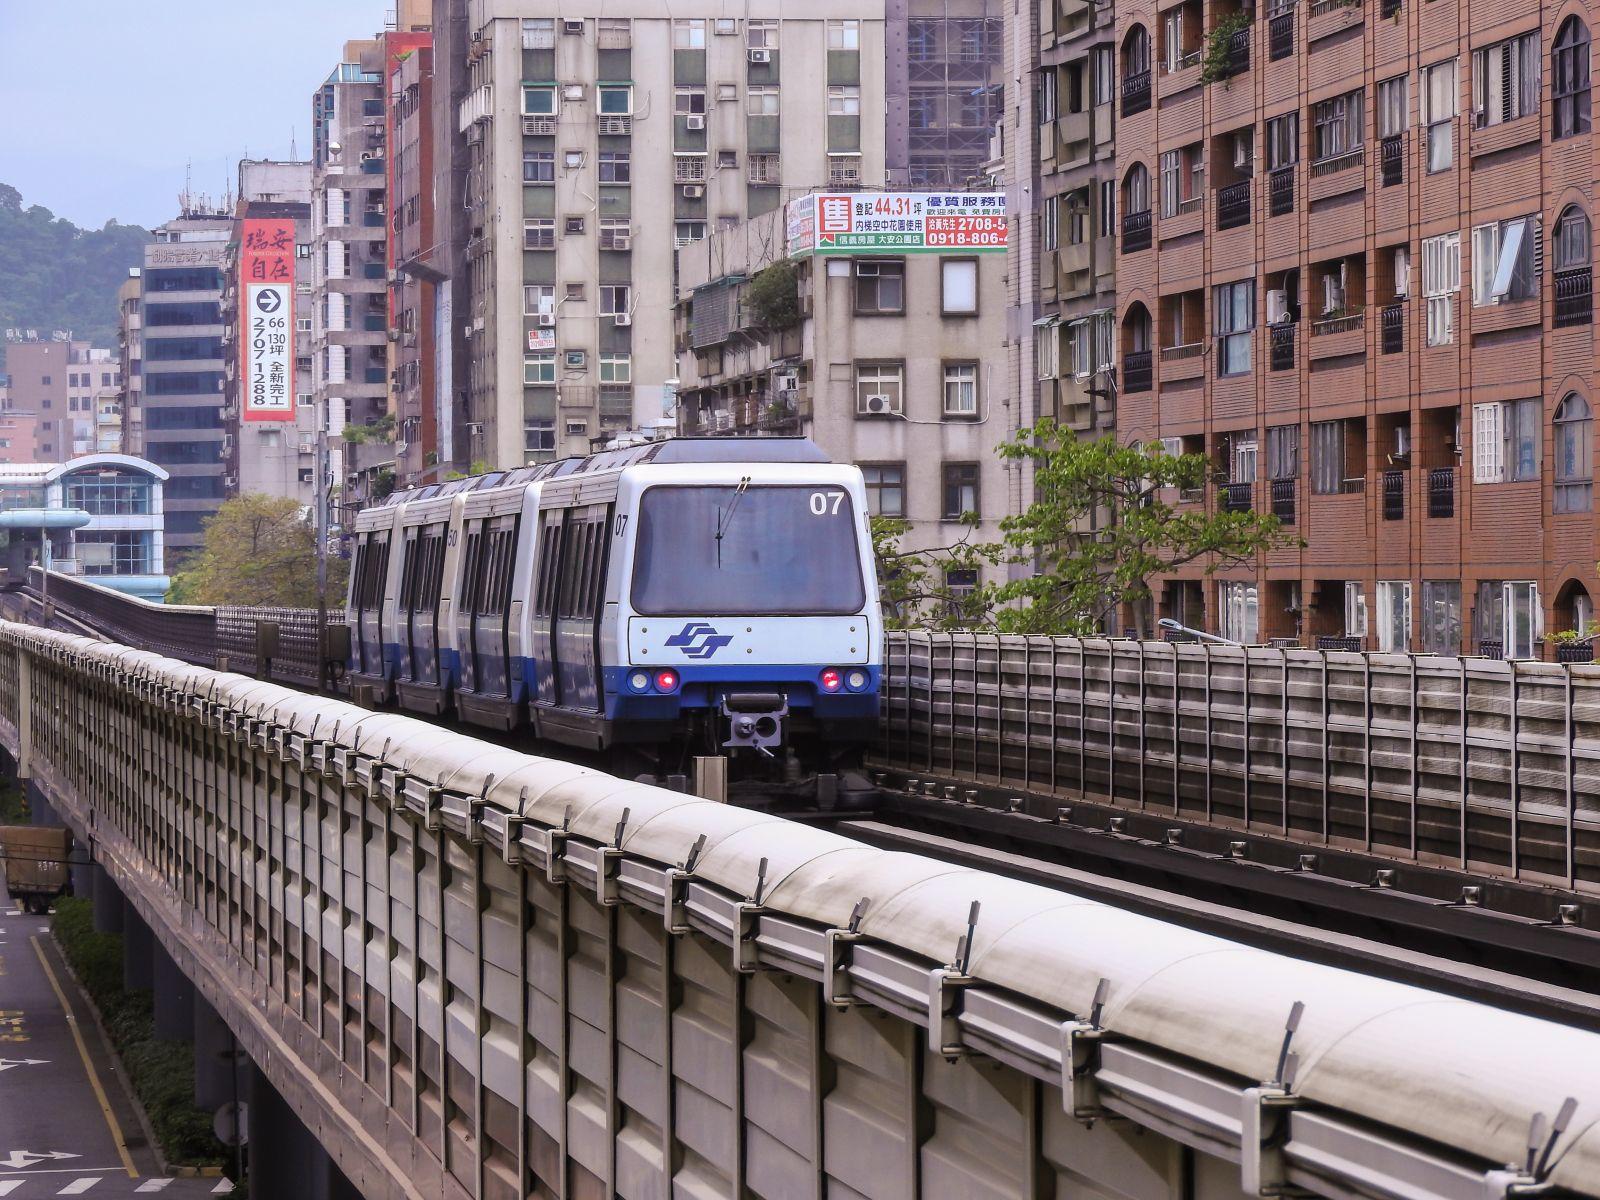 台灣大眾運輸為什麼落後? 網友點出這關鍵